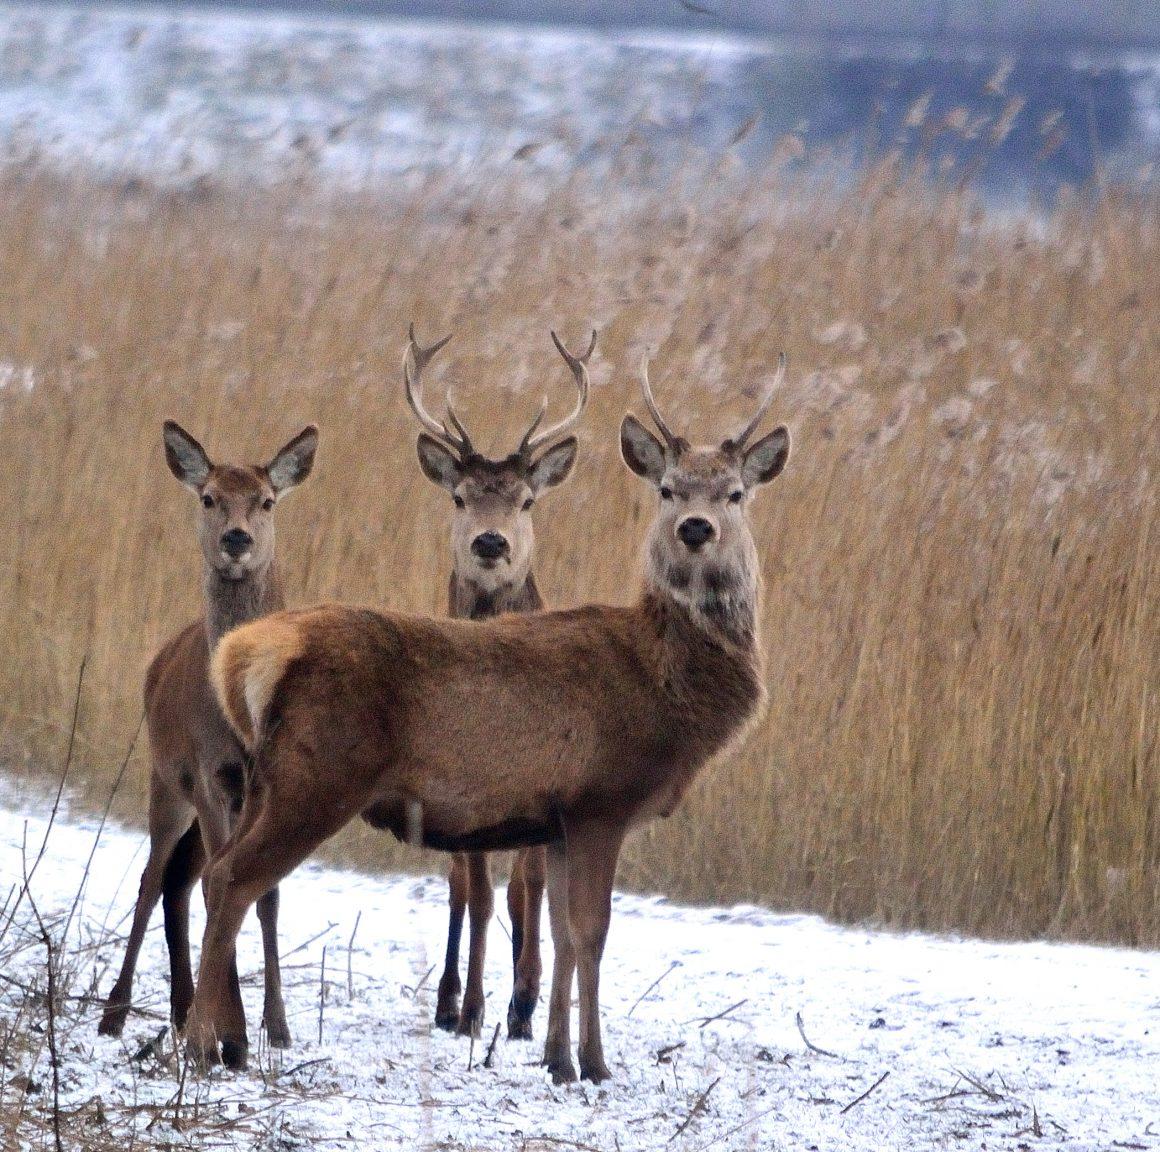 Persbericht: Dier- en natuurorganisaties dringen aan op verbinding OVP met Horsterwold